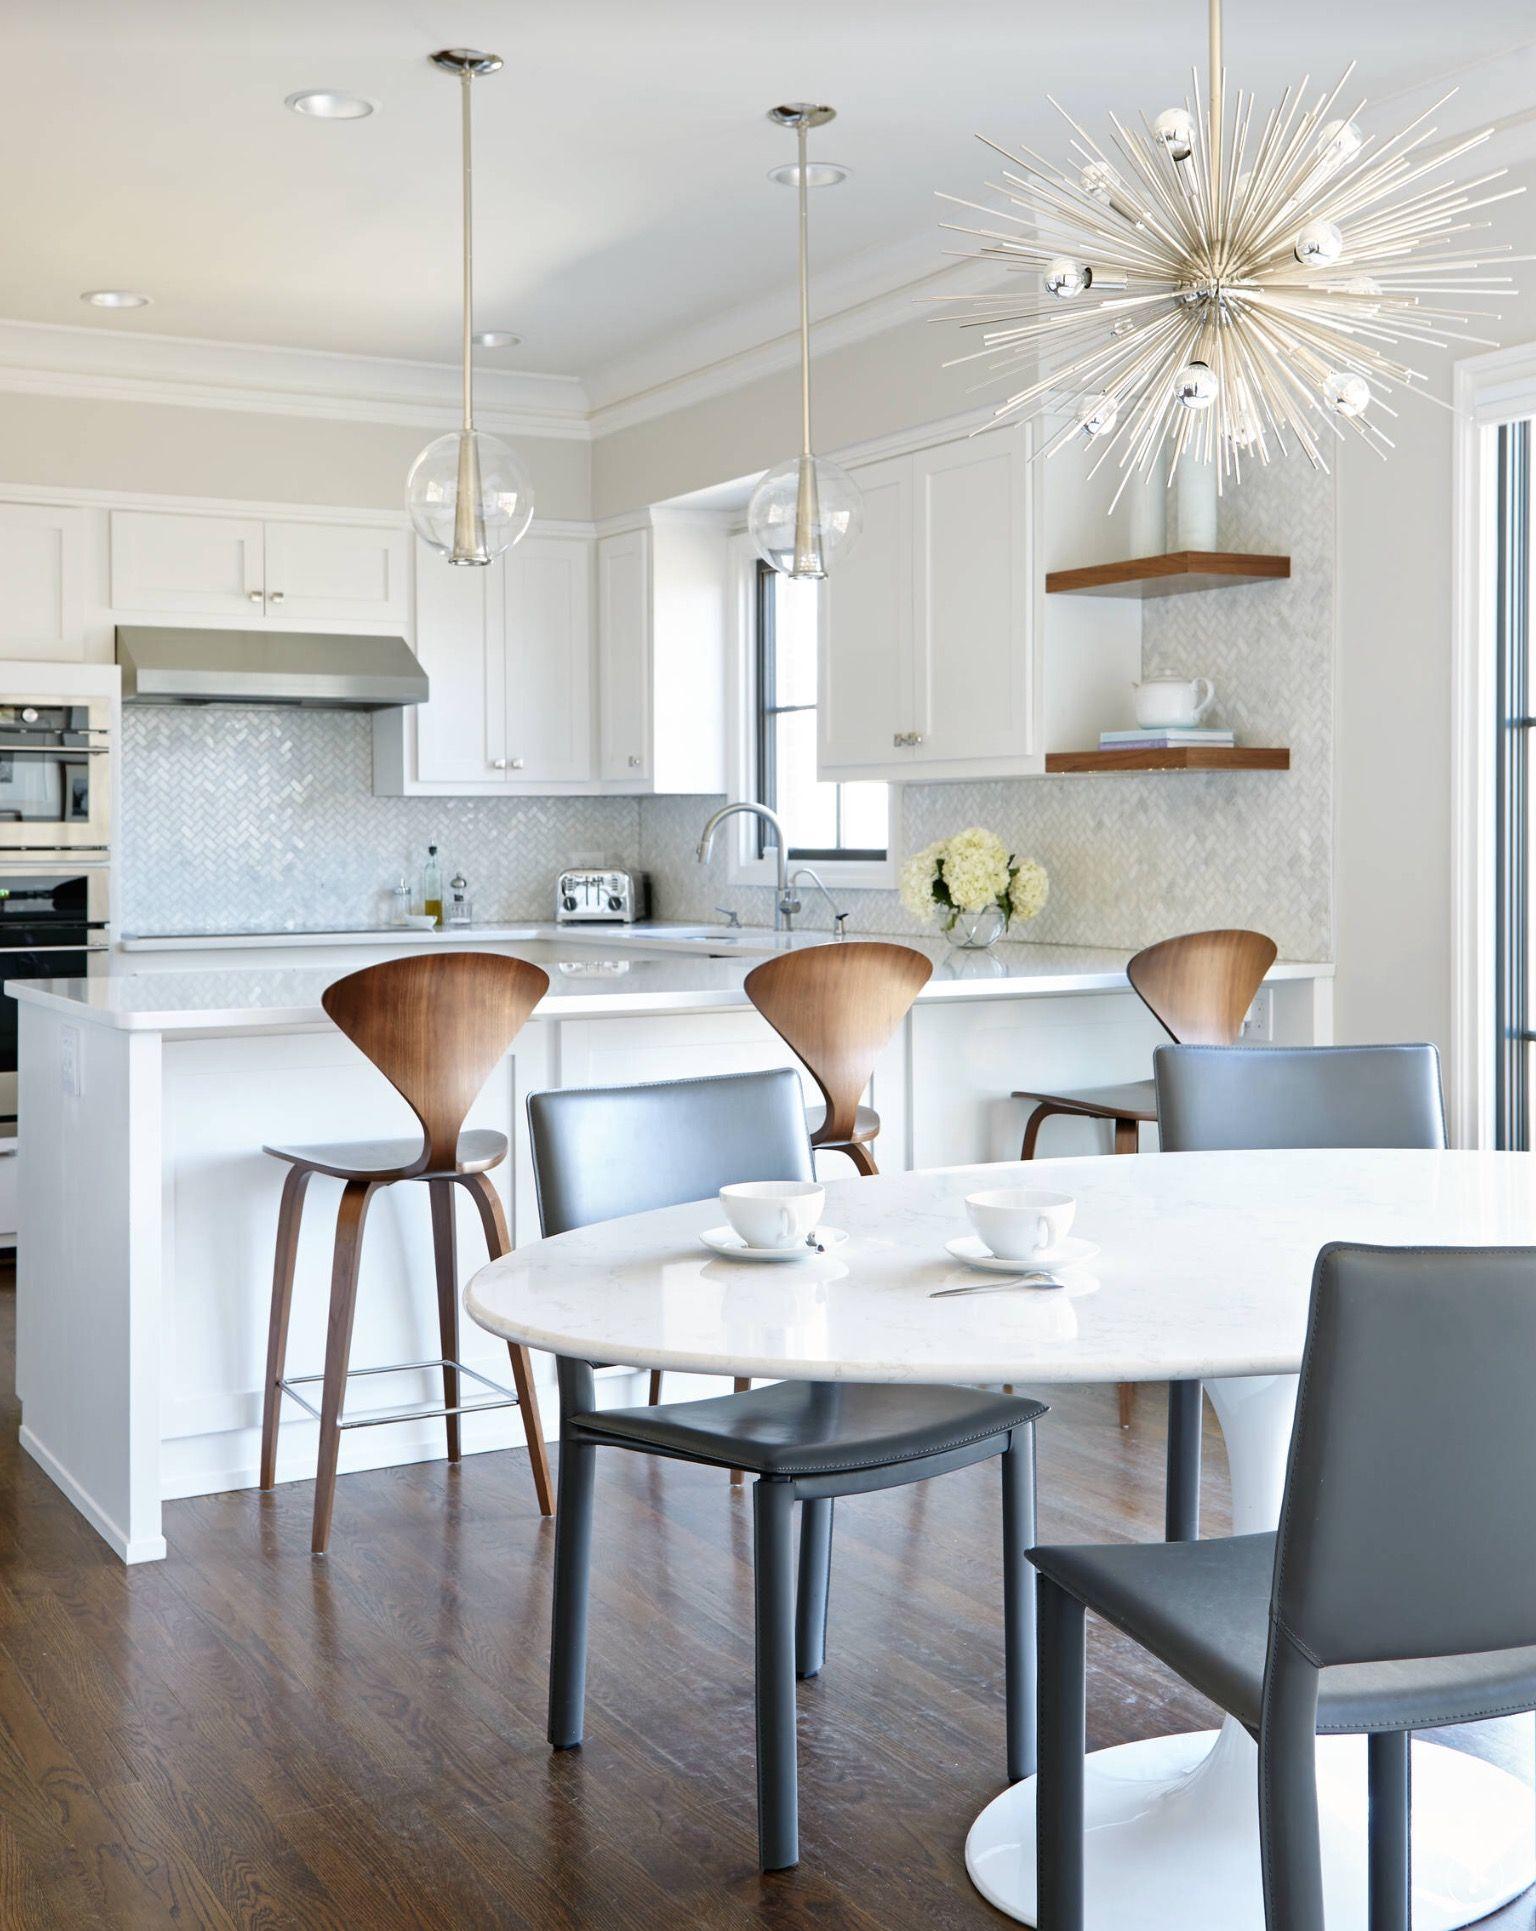 Pin von Dalia Ferguson auf White Kitchen | Pinterest